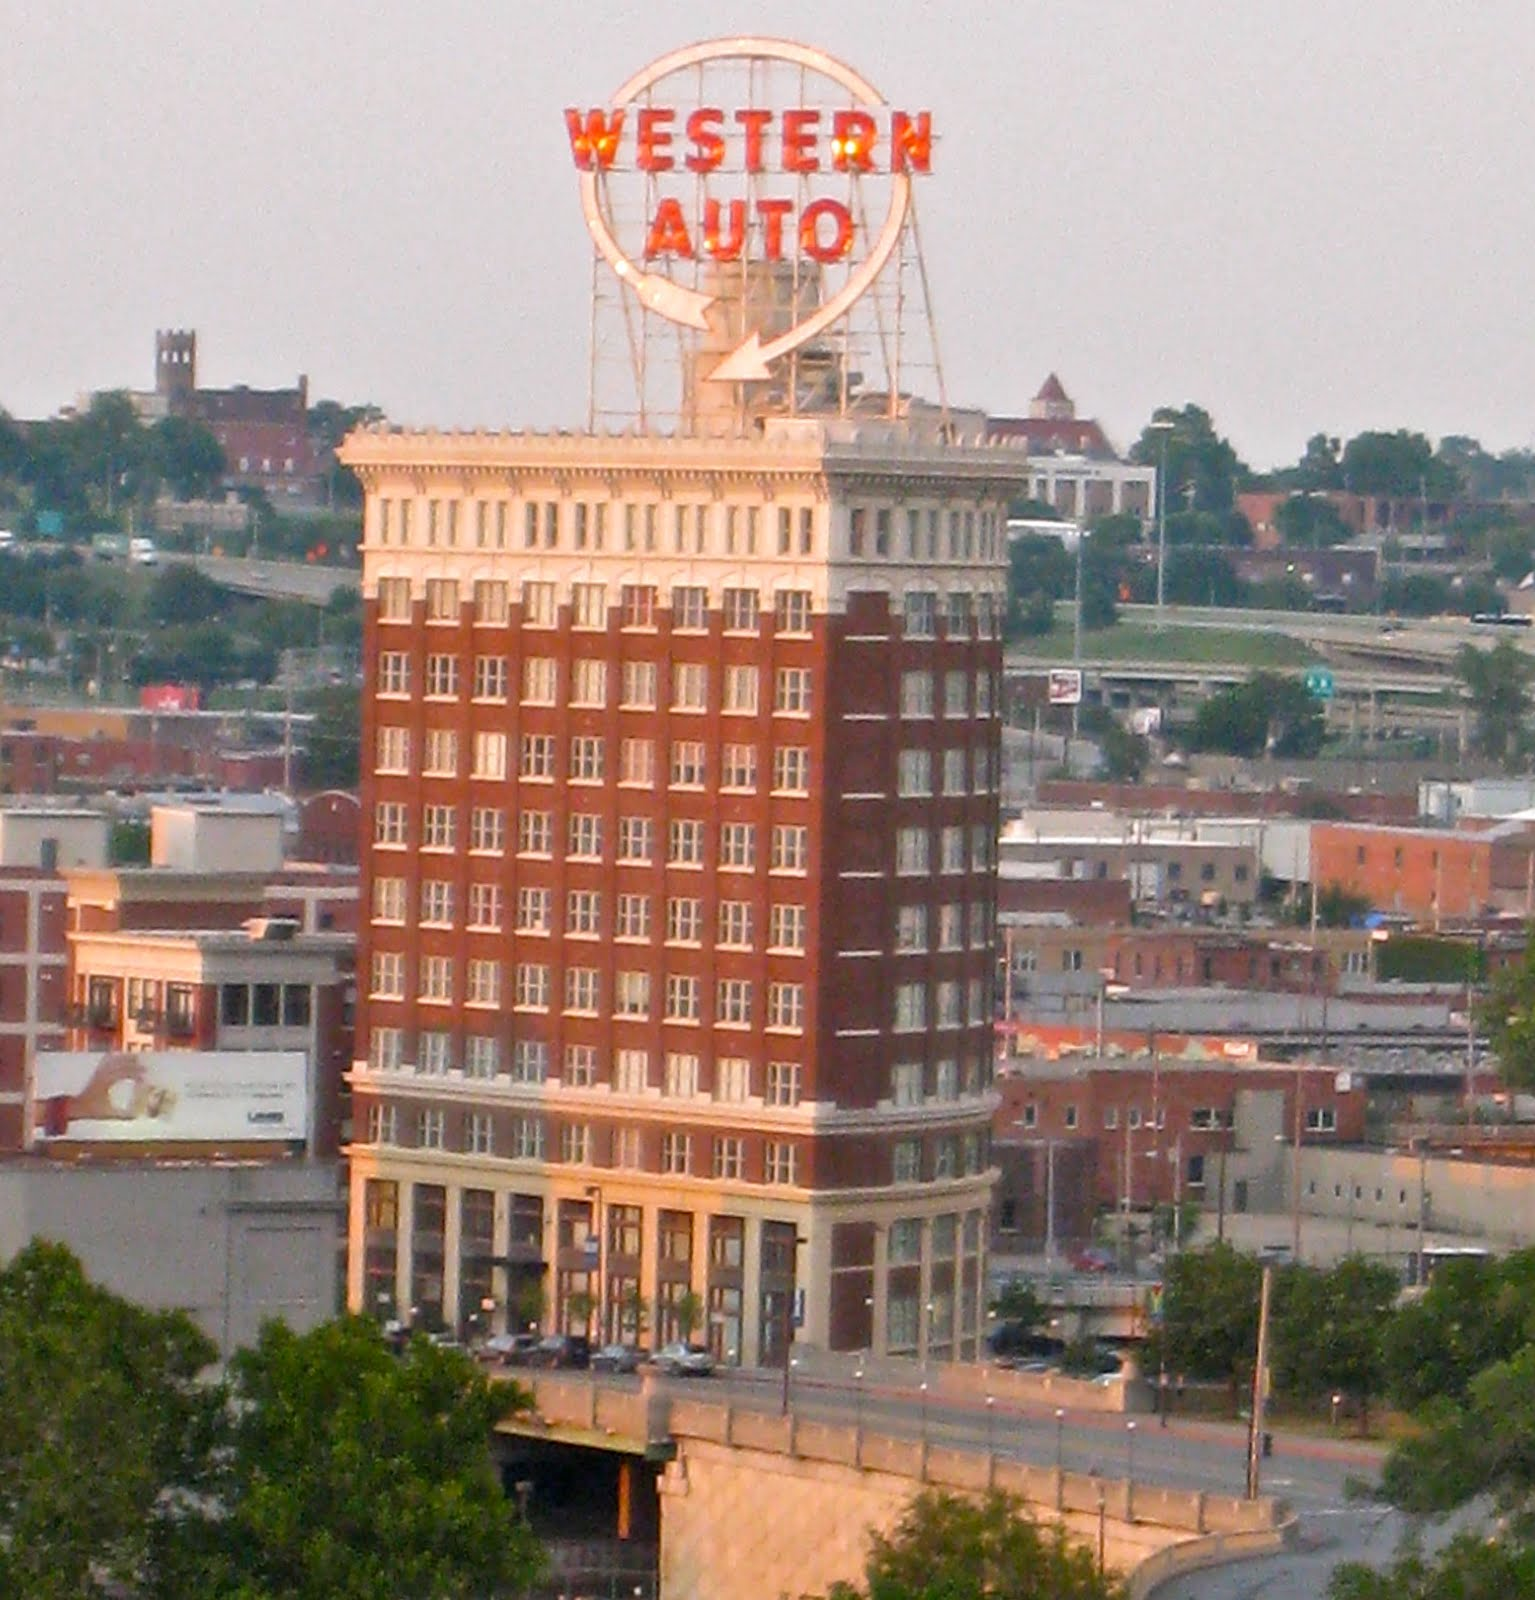 Kansas City Daily Photo Western Auto Building